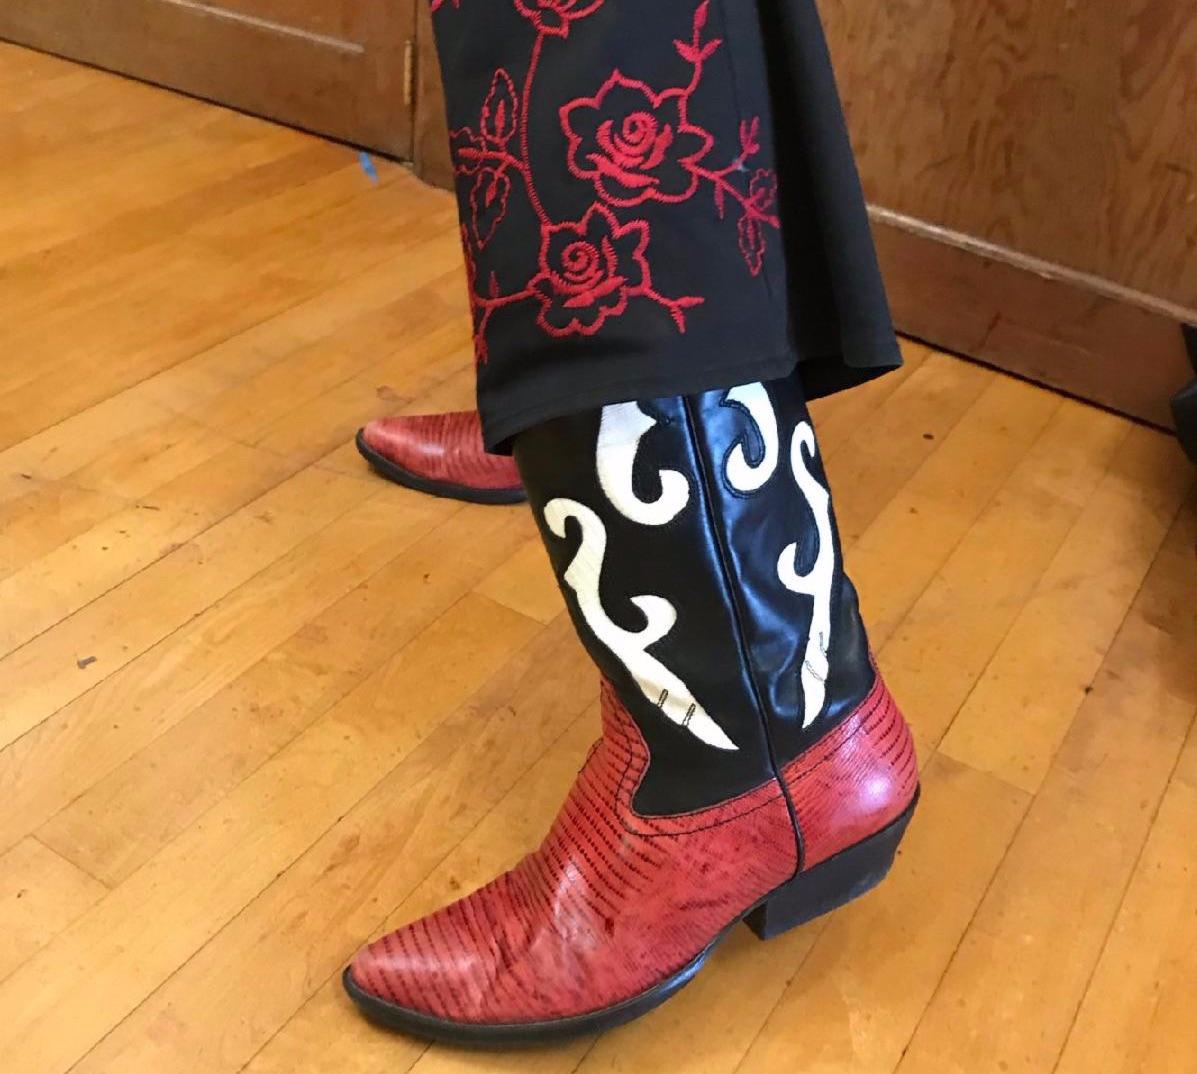 stylish boot